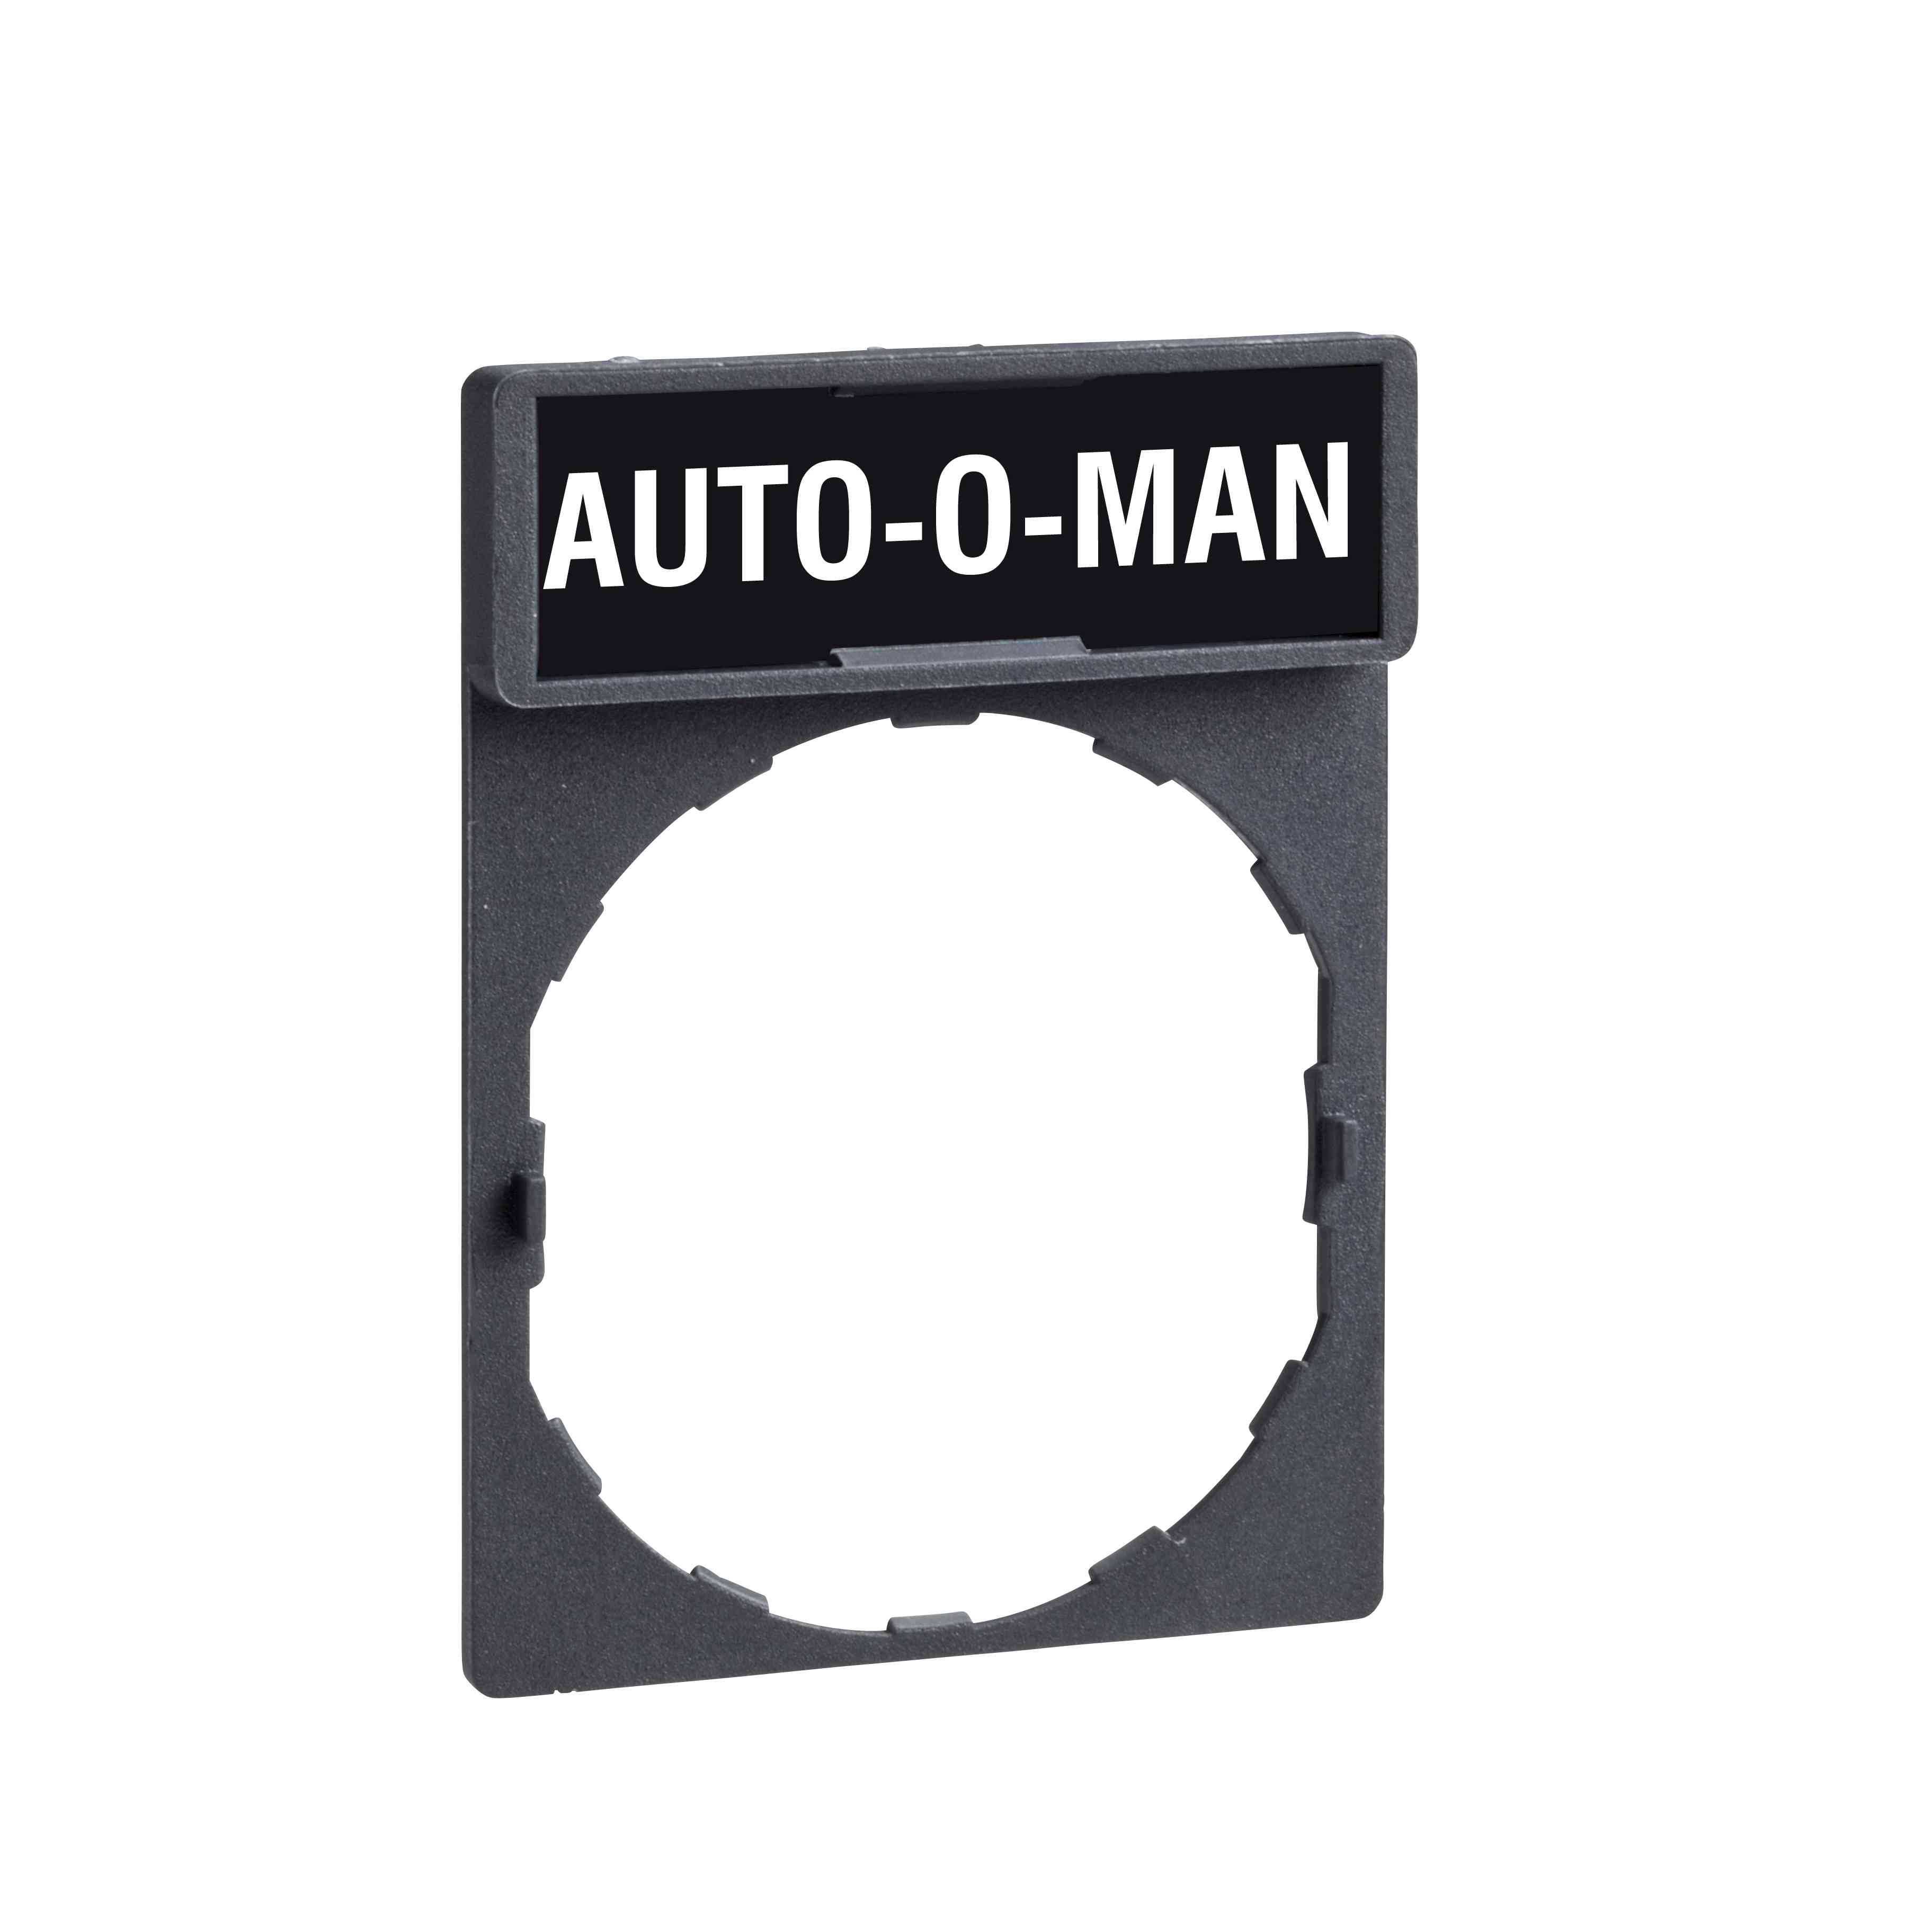 Nosilec legende 30 x 40 mm z legendo 8 x 27 mm z oznako AUTO-O-MAN